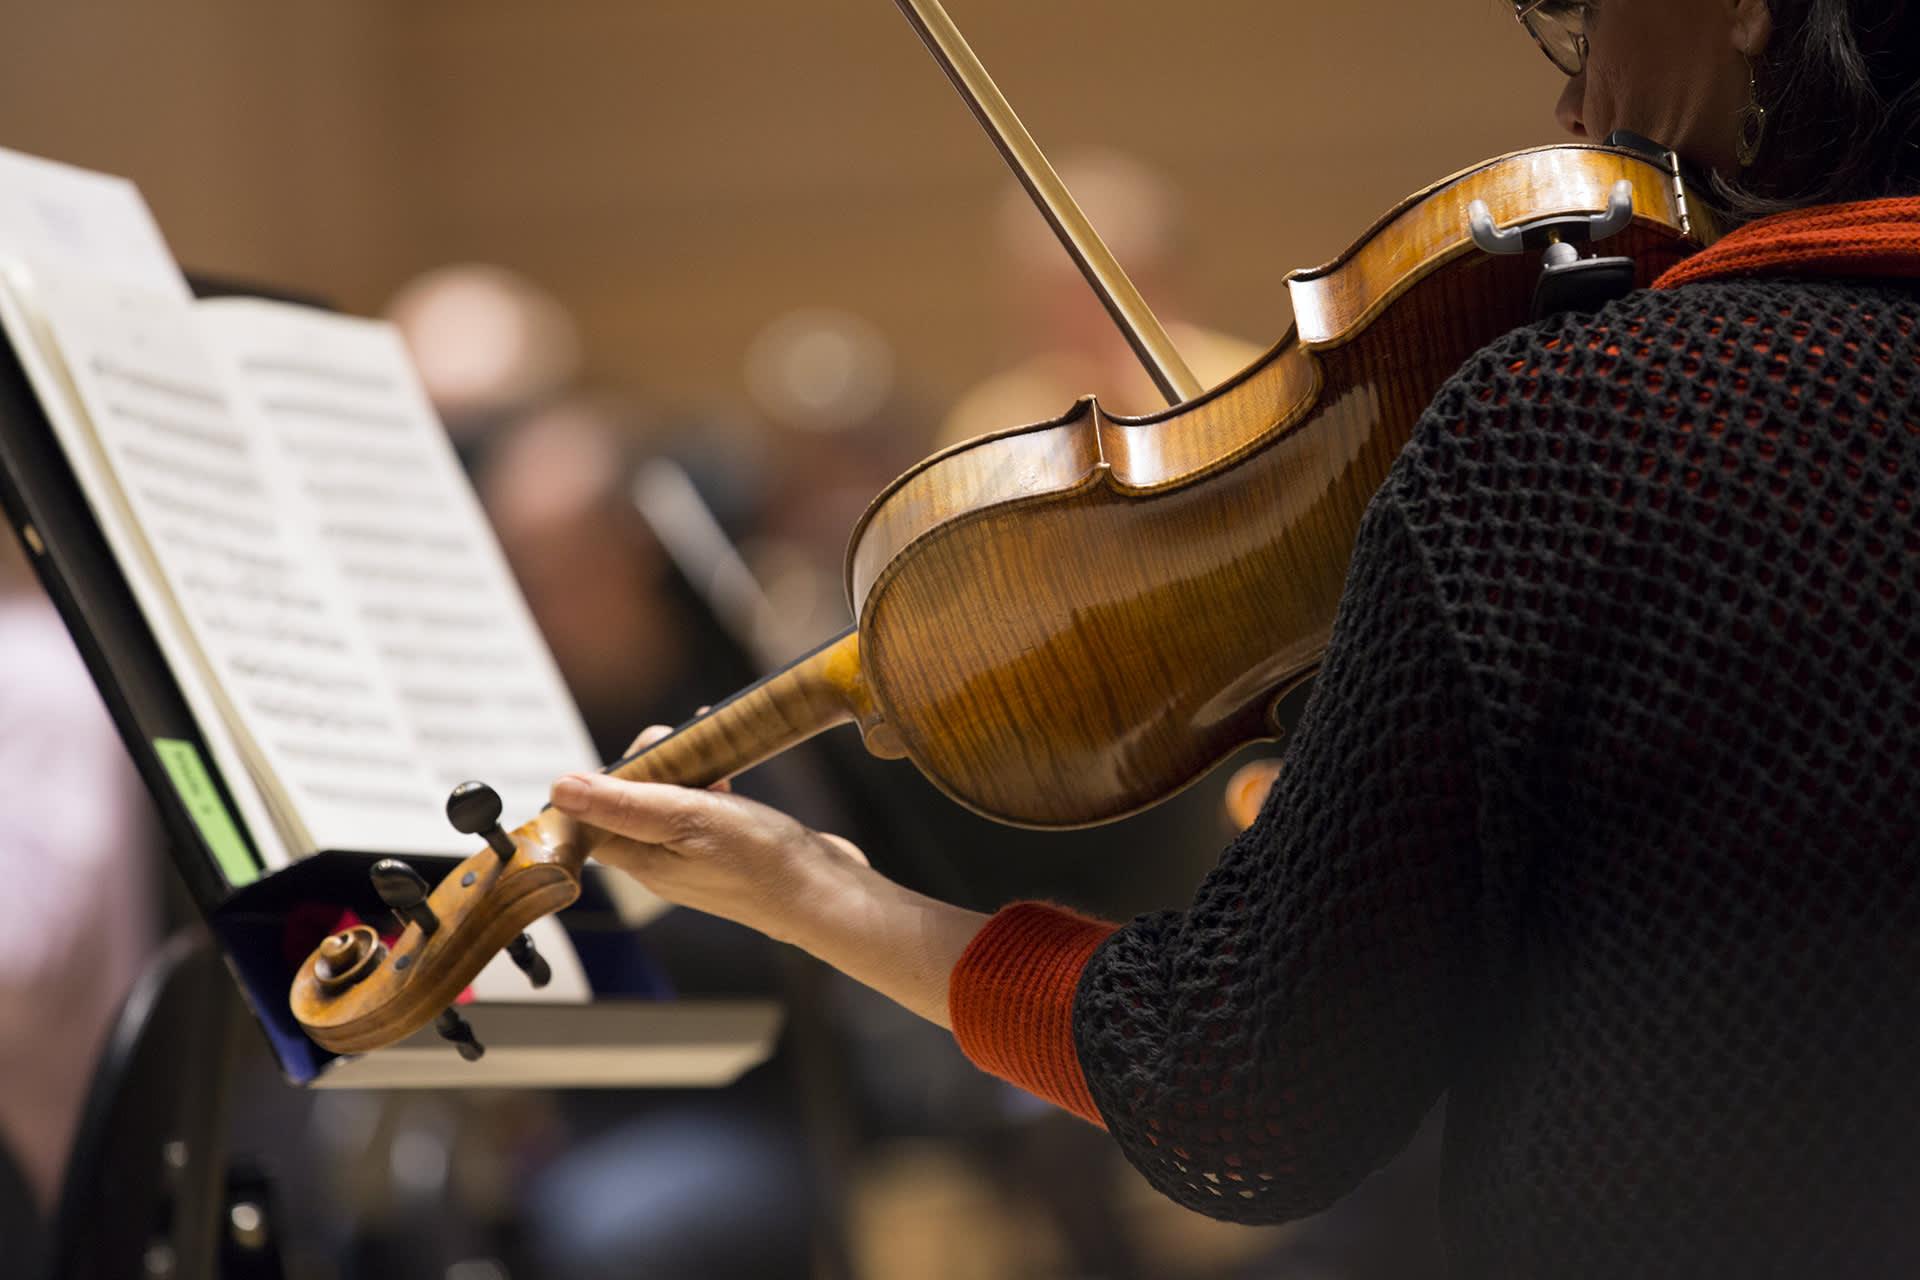 viulisti soittaa